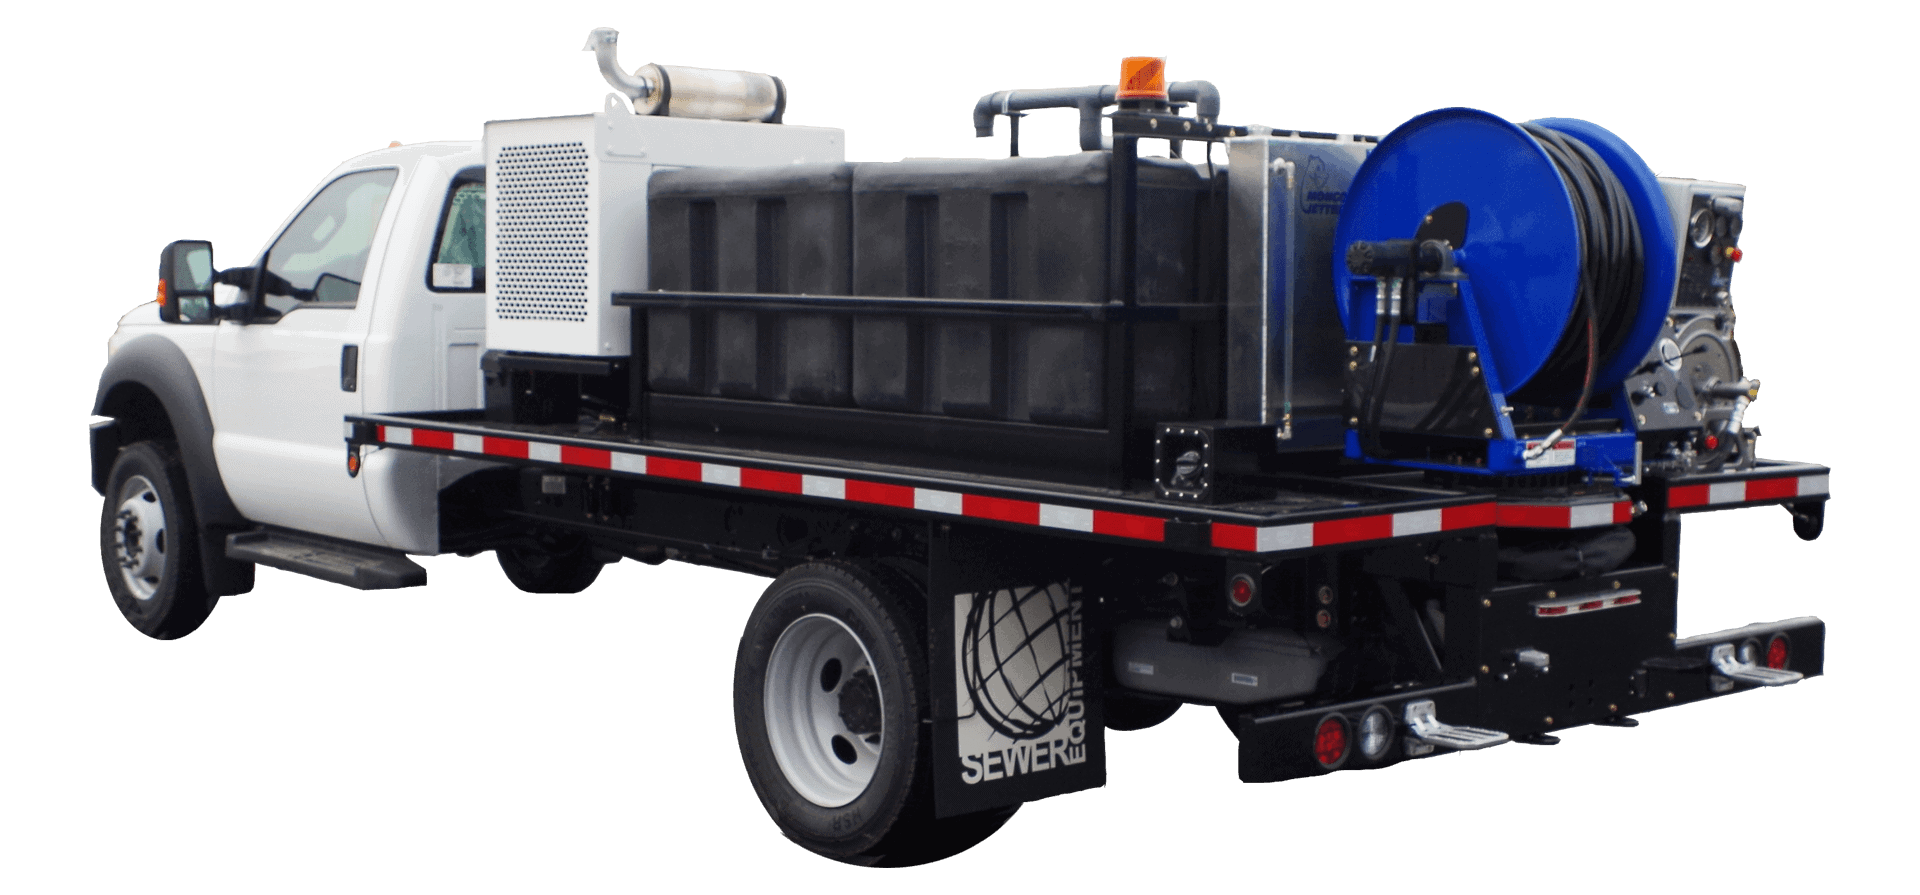 Mongoose Jetters, Model 402, Jetter Truck